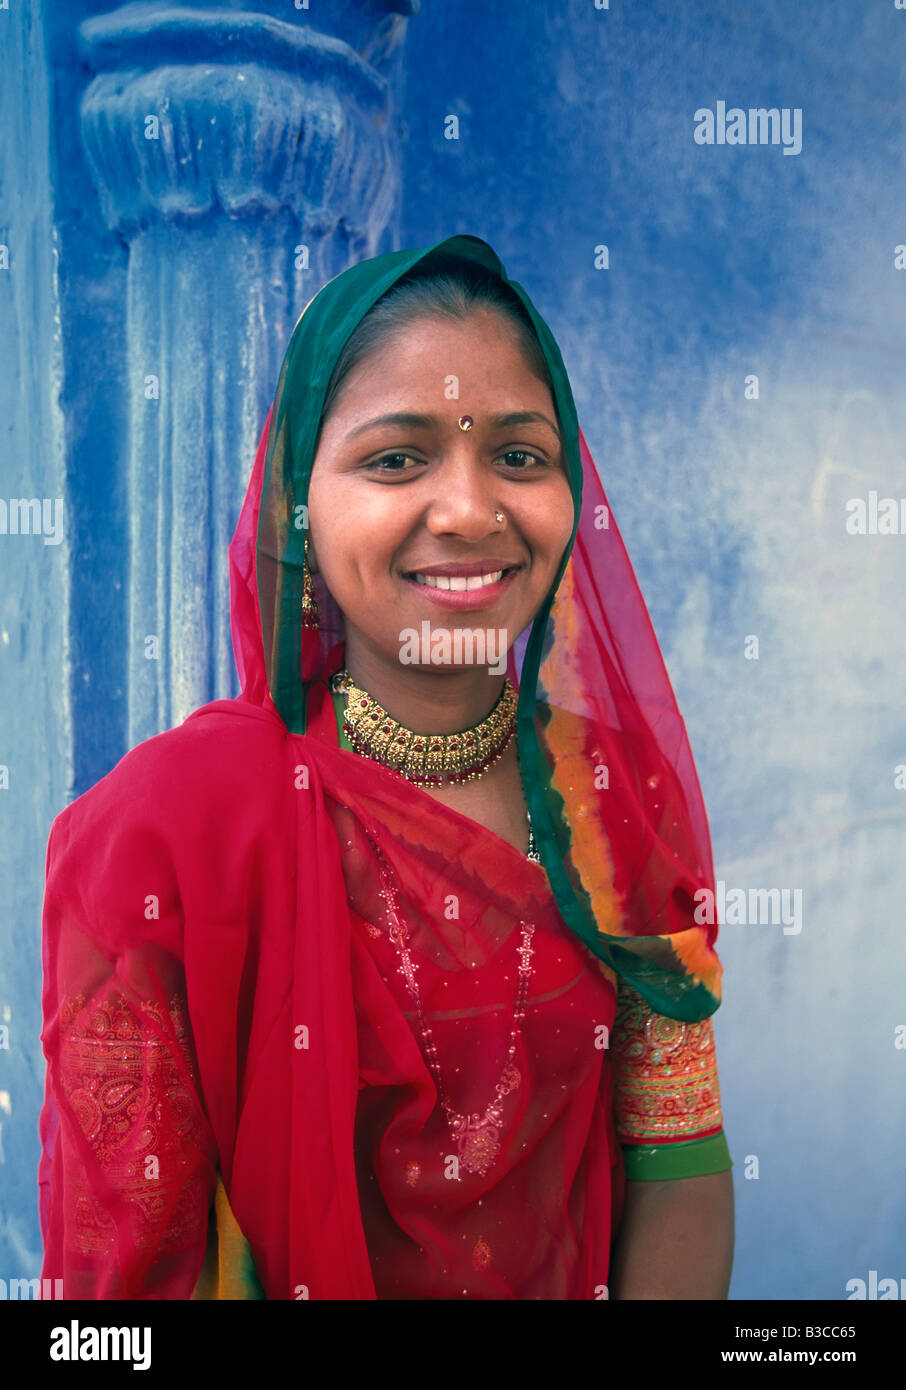 Ritratto di una donna locale nella città blu Jodhpur Rajasthan India Asia Immagini Stock